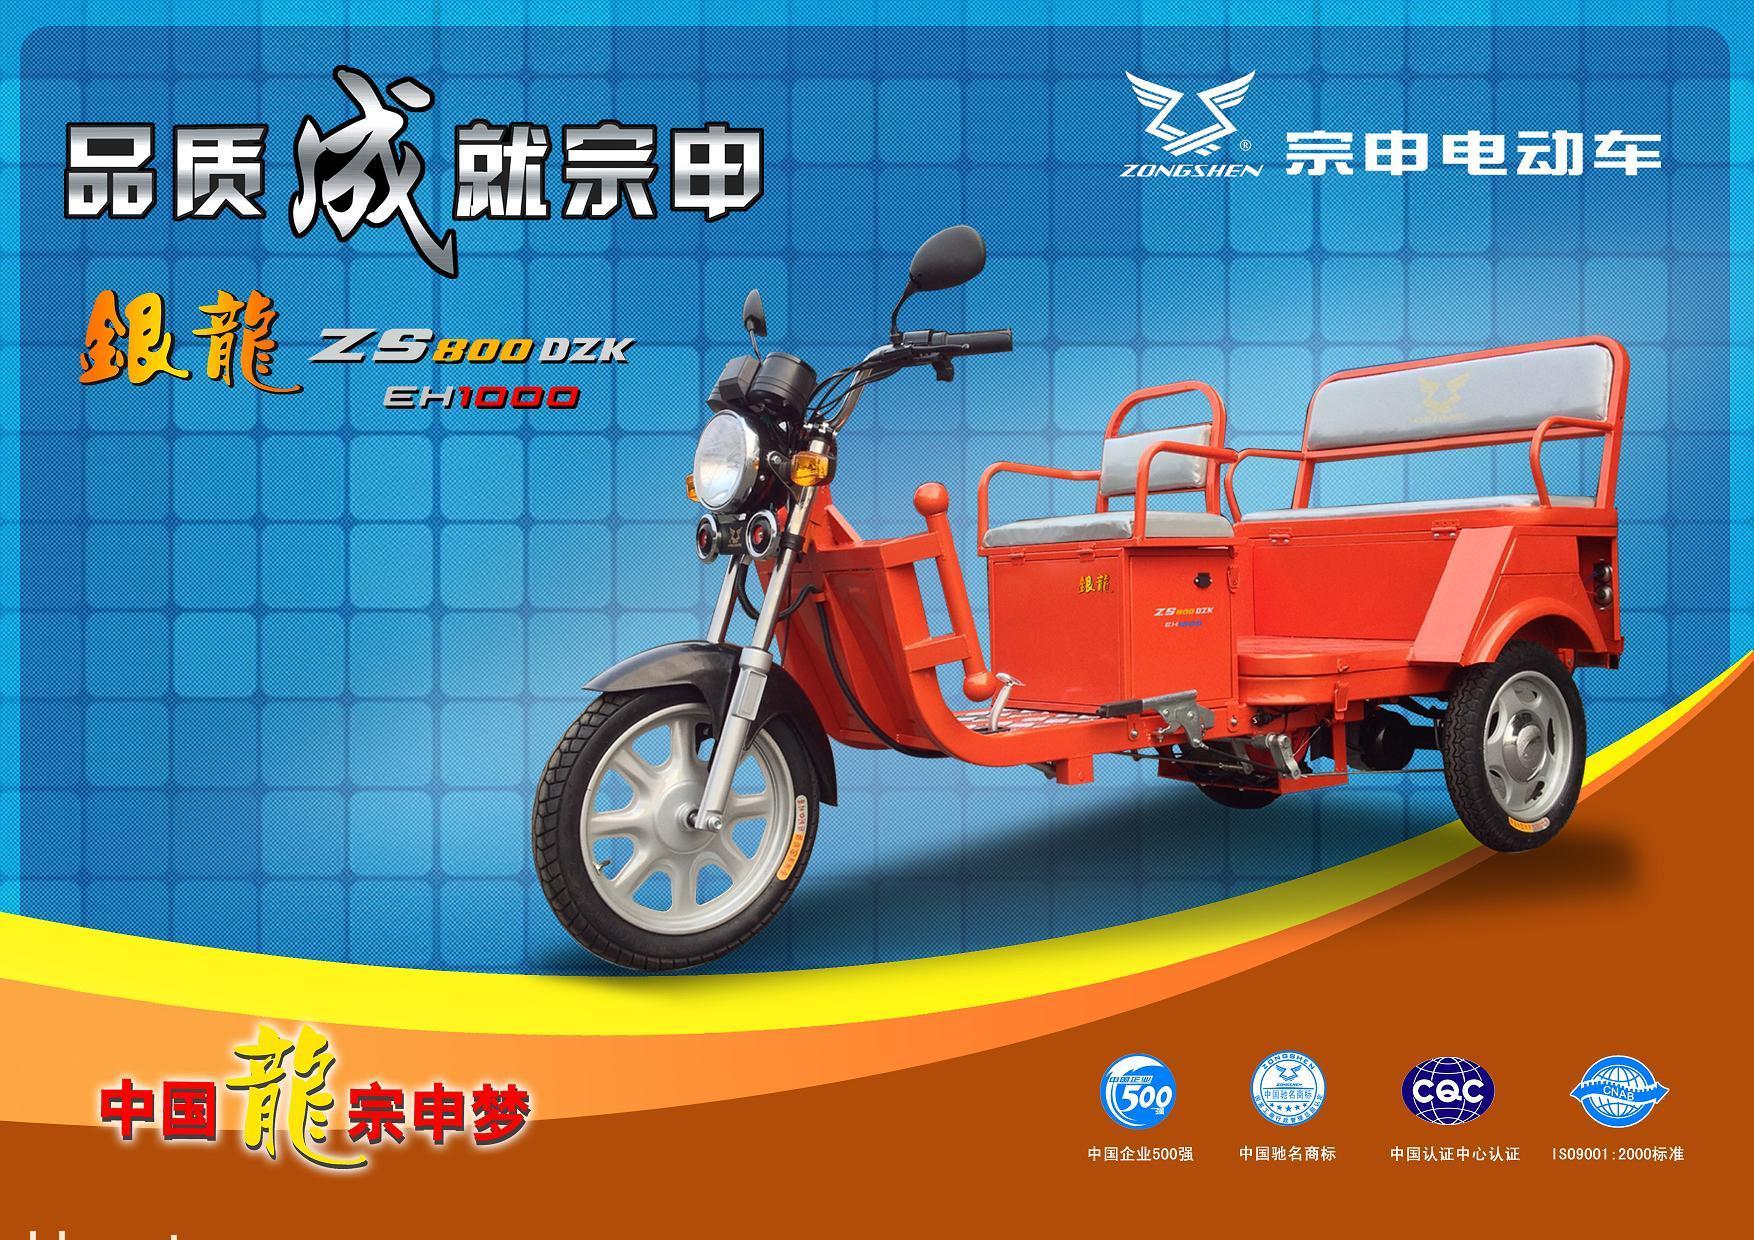 中国电动车网 产品中心 电动三轮车  > 宗申